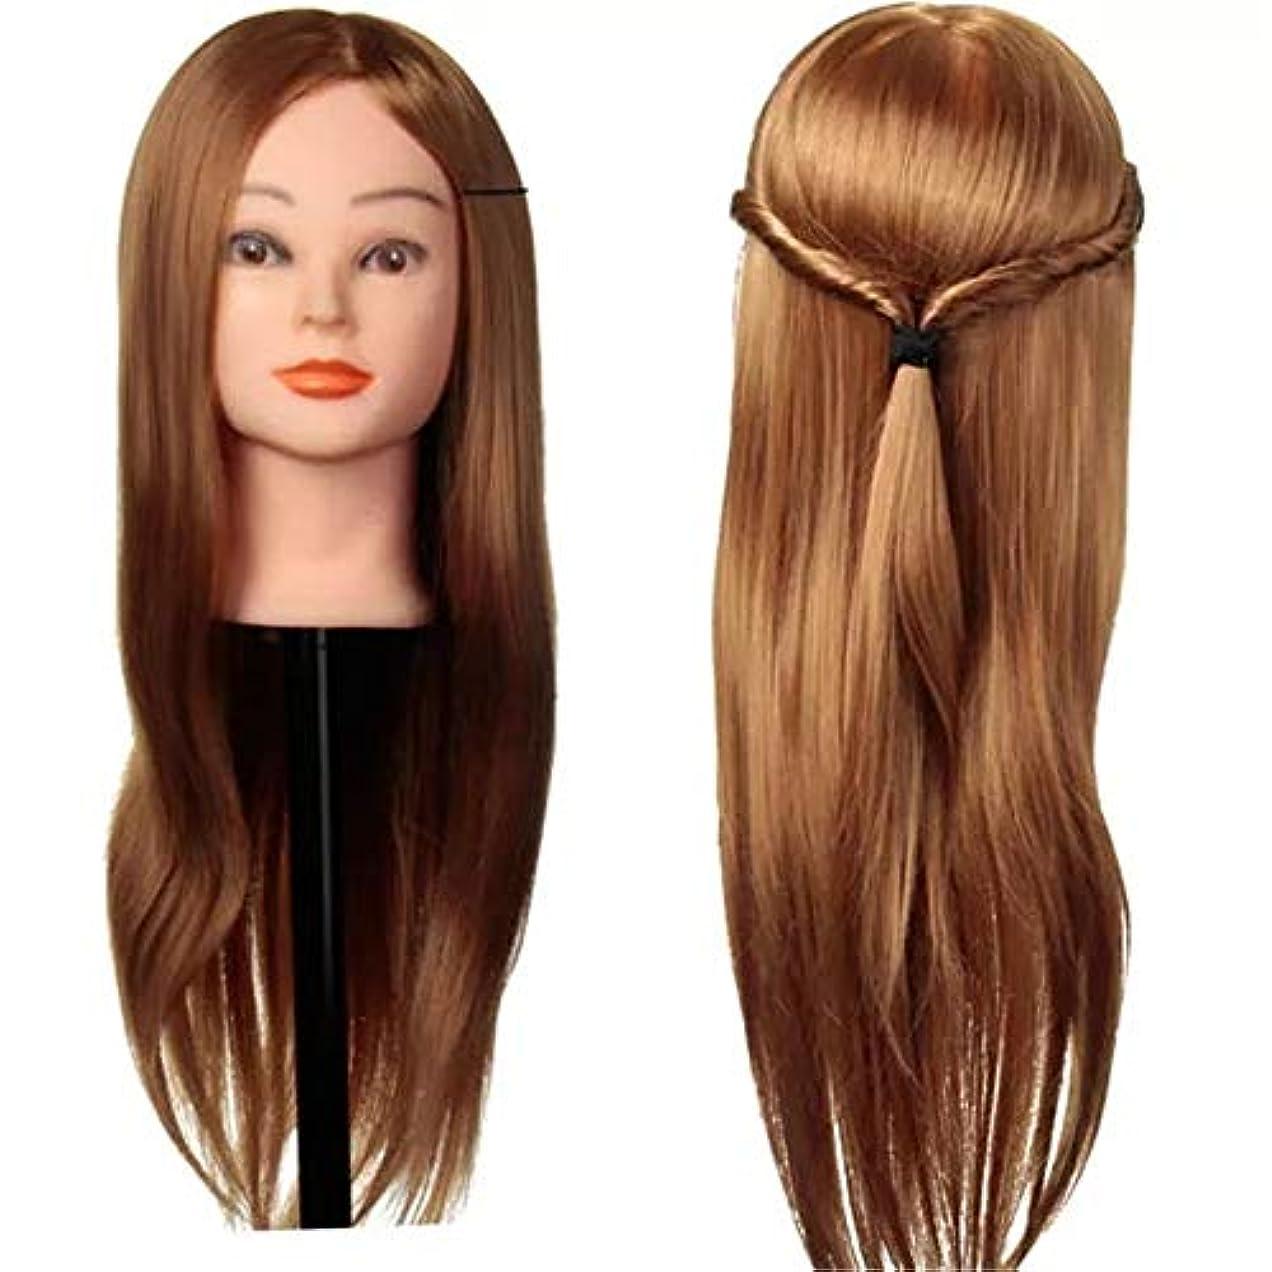 電話をかけるマーチャンダイザー元に戻すマネキンヘッド 編組練習マネキンクランプを切断、30%本物の人間の髪の毛のトレーニング頭 練習用 グマネキンヘッド (色 : ゴールド, サイズ : 56cm)